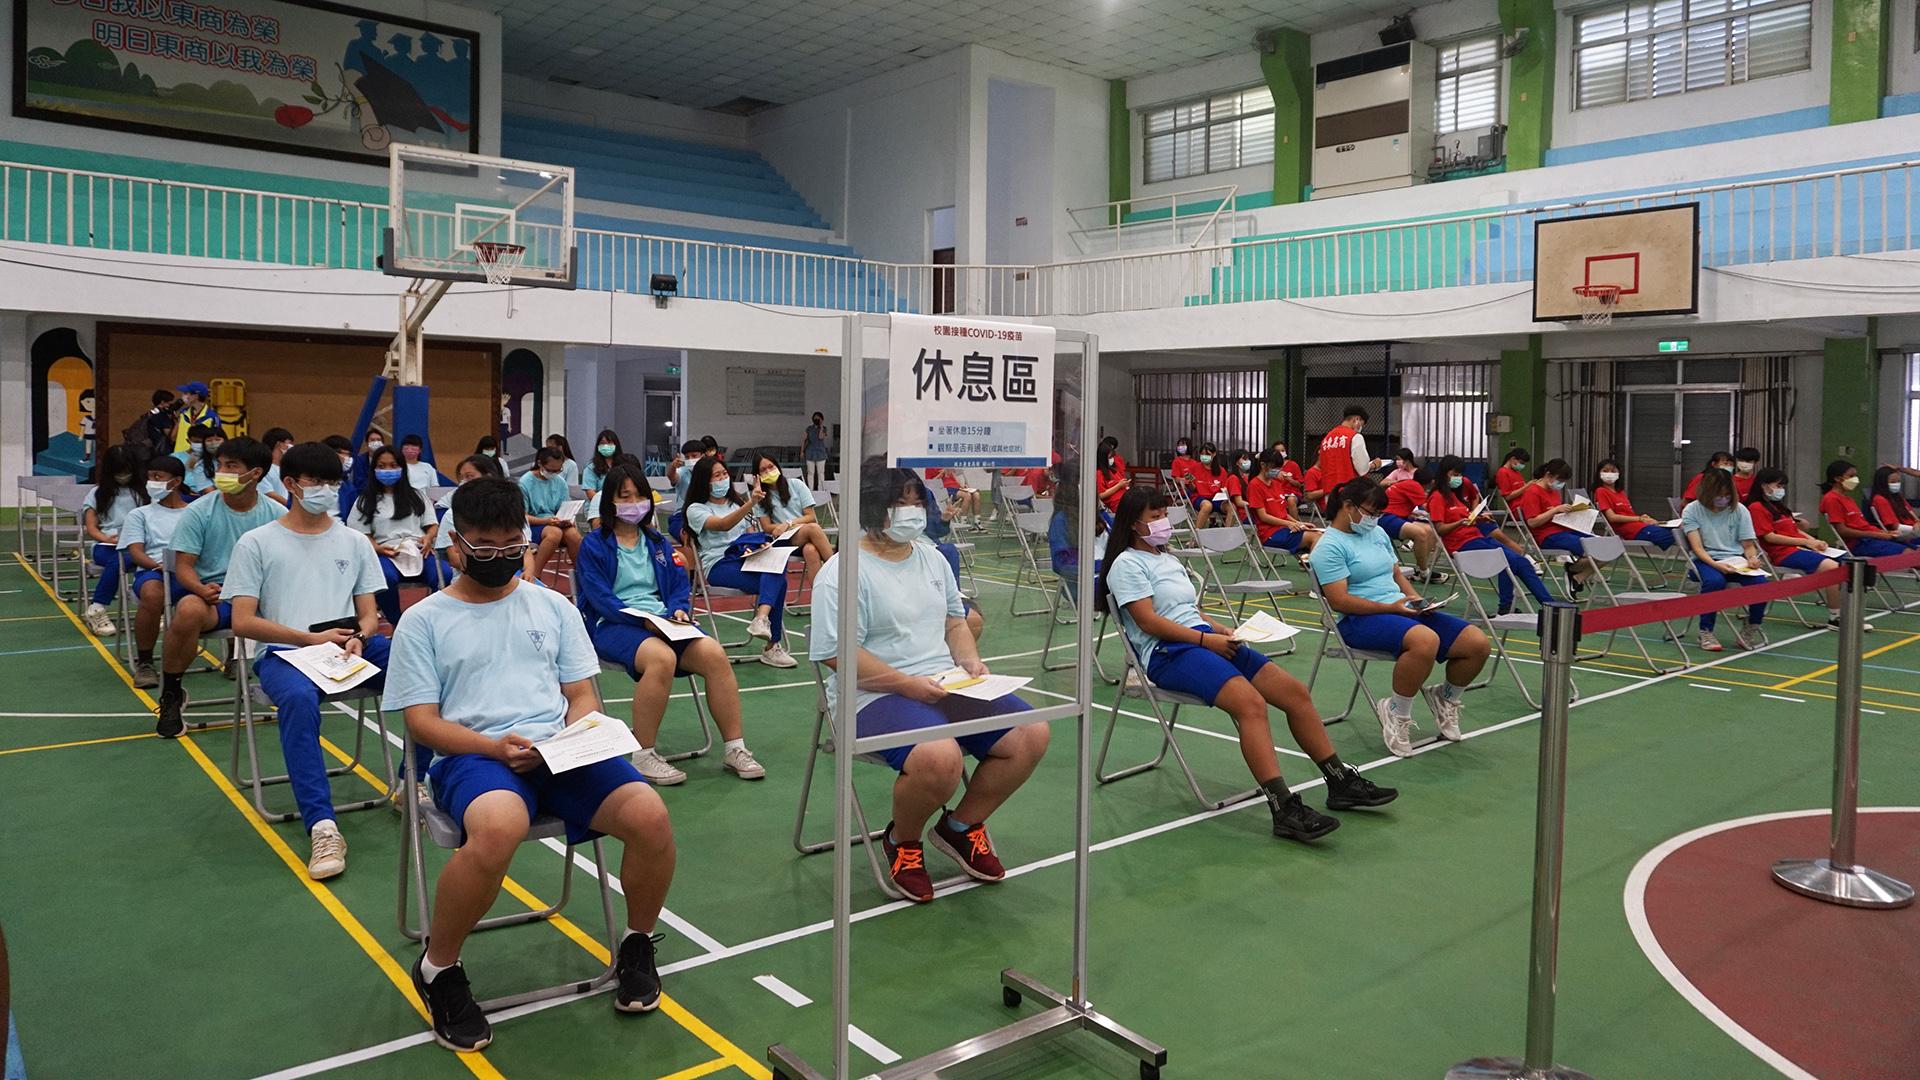 同學接種疫苗完在休息區也用身心靈隨著現埸音樂放鬆。